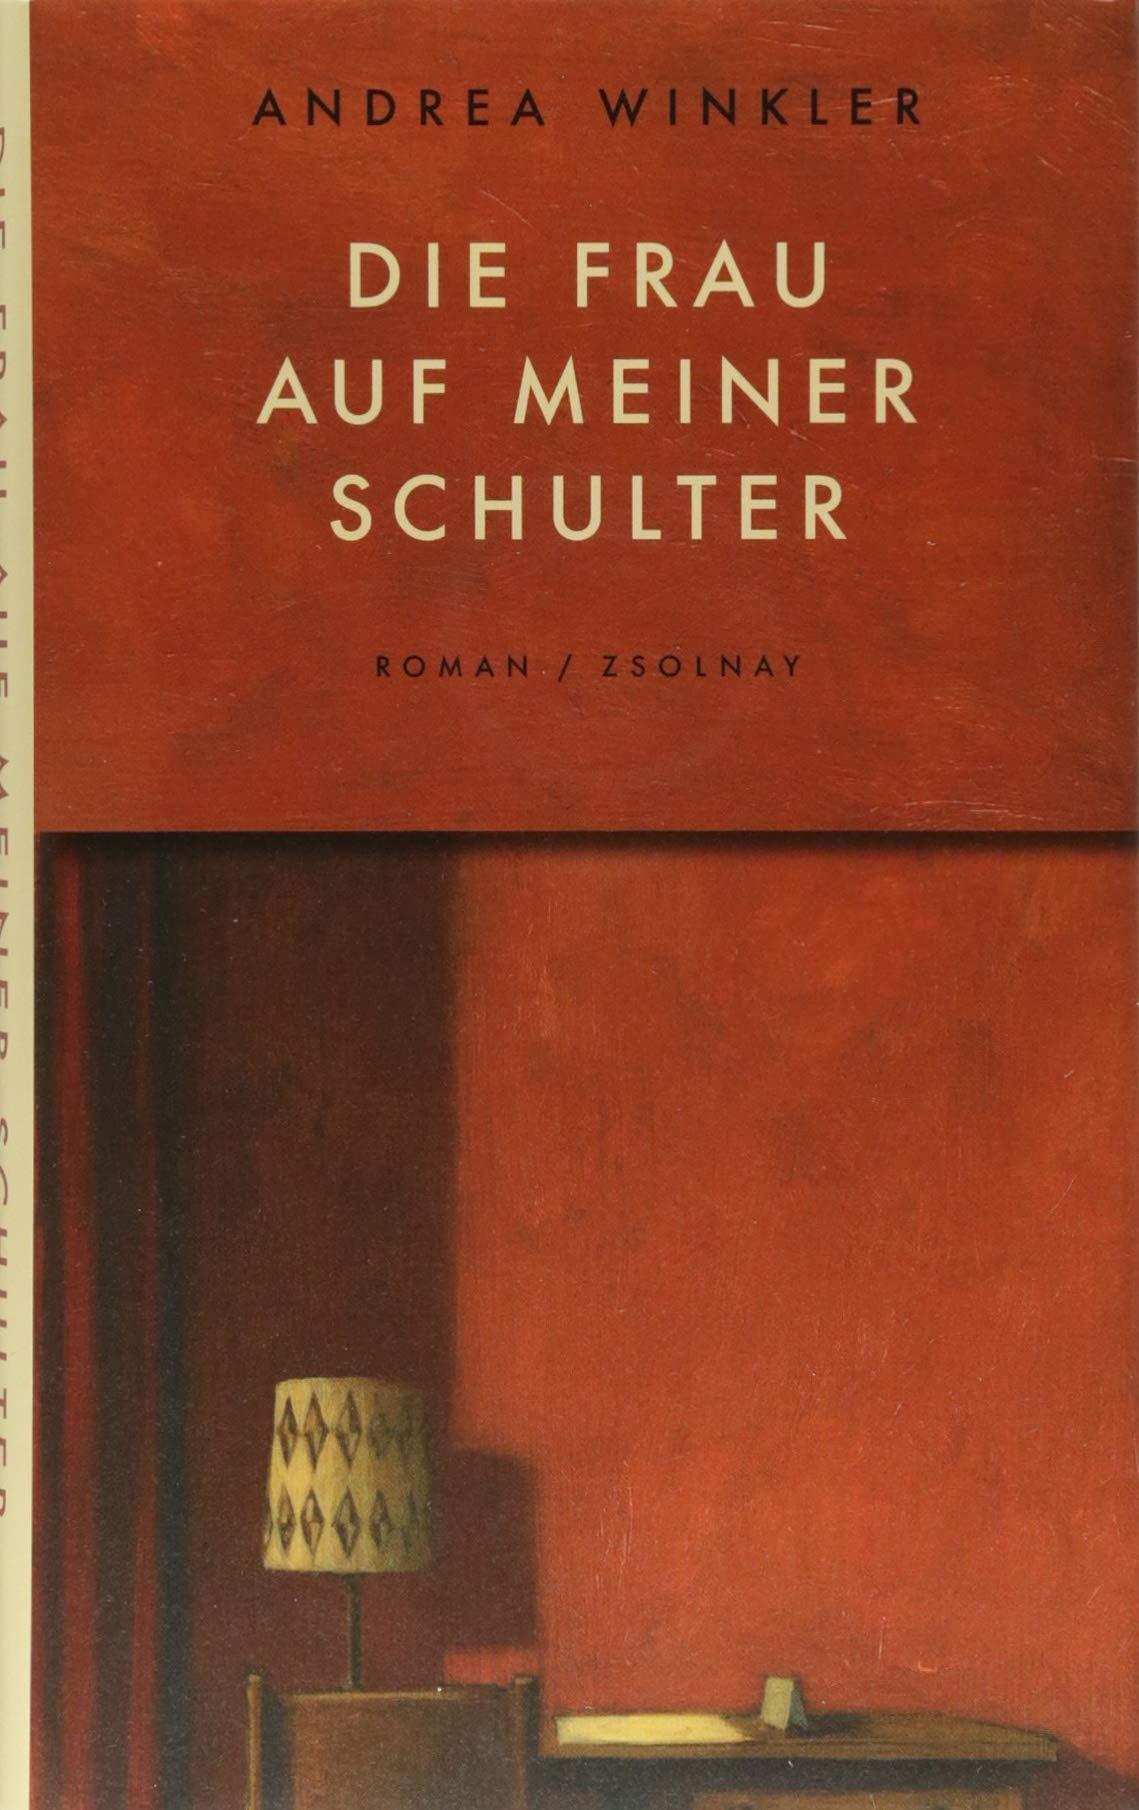 Die Frau auf meiner Schulter: Roman: Amazon.de: Andrea Winkler: Bücher